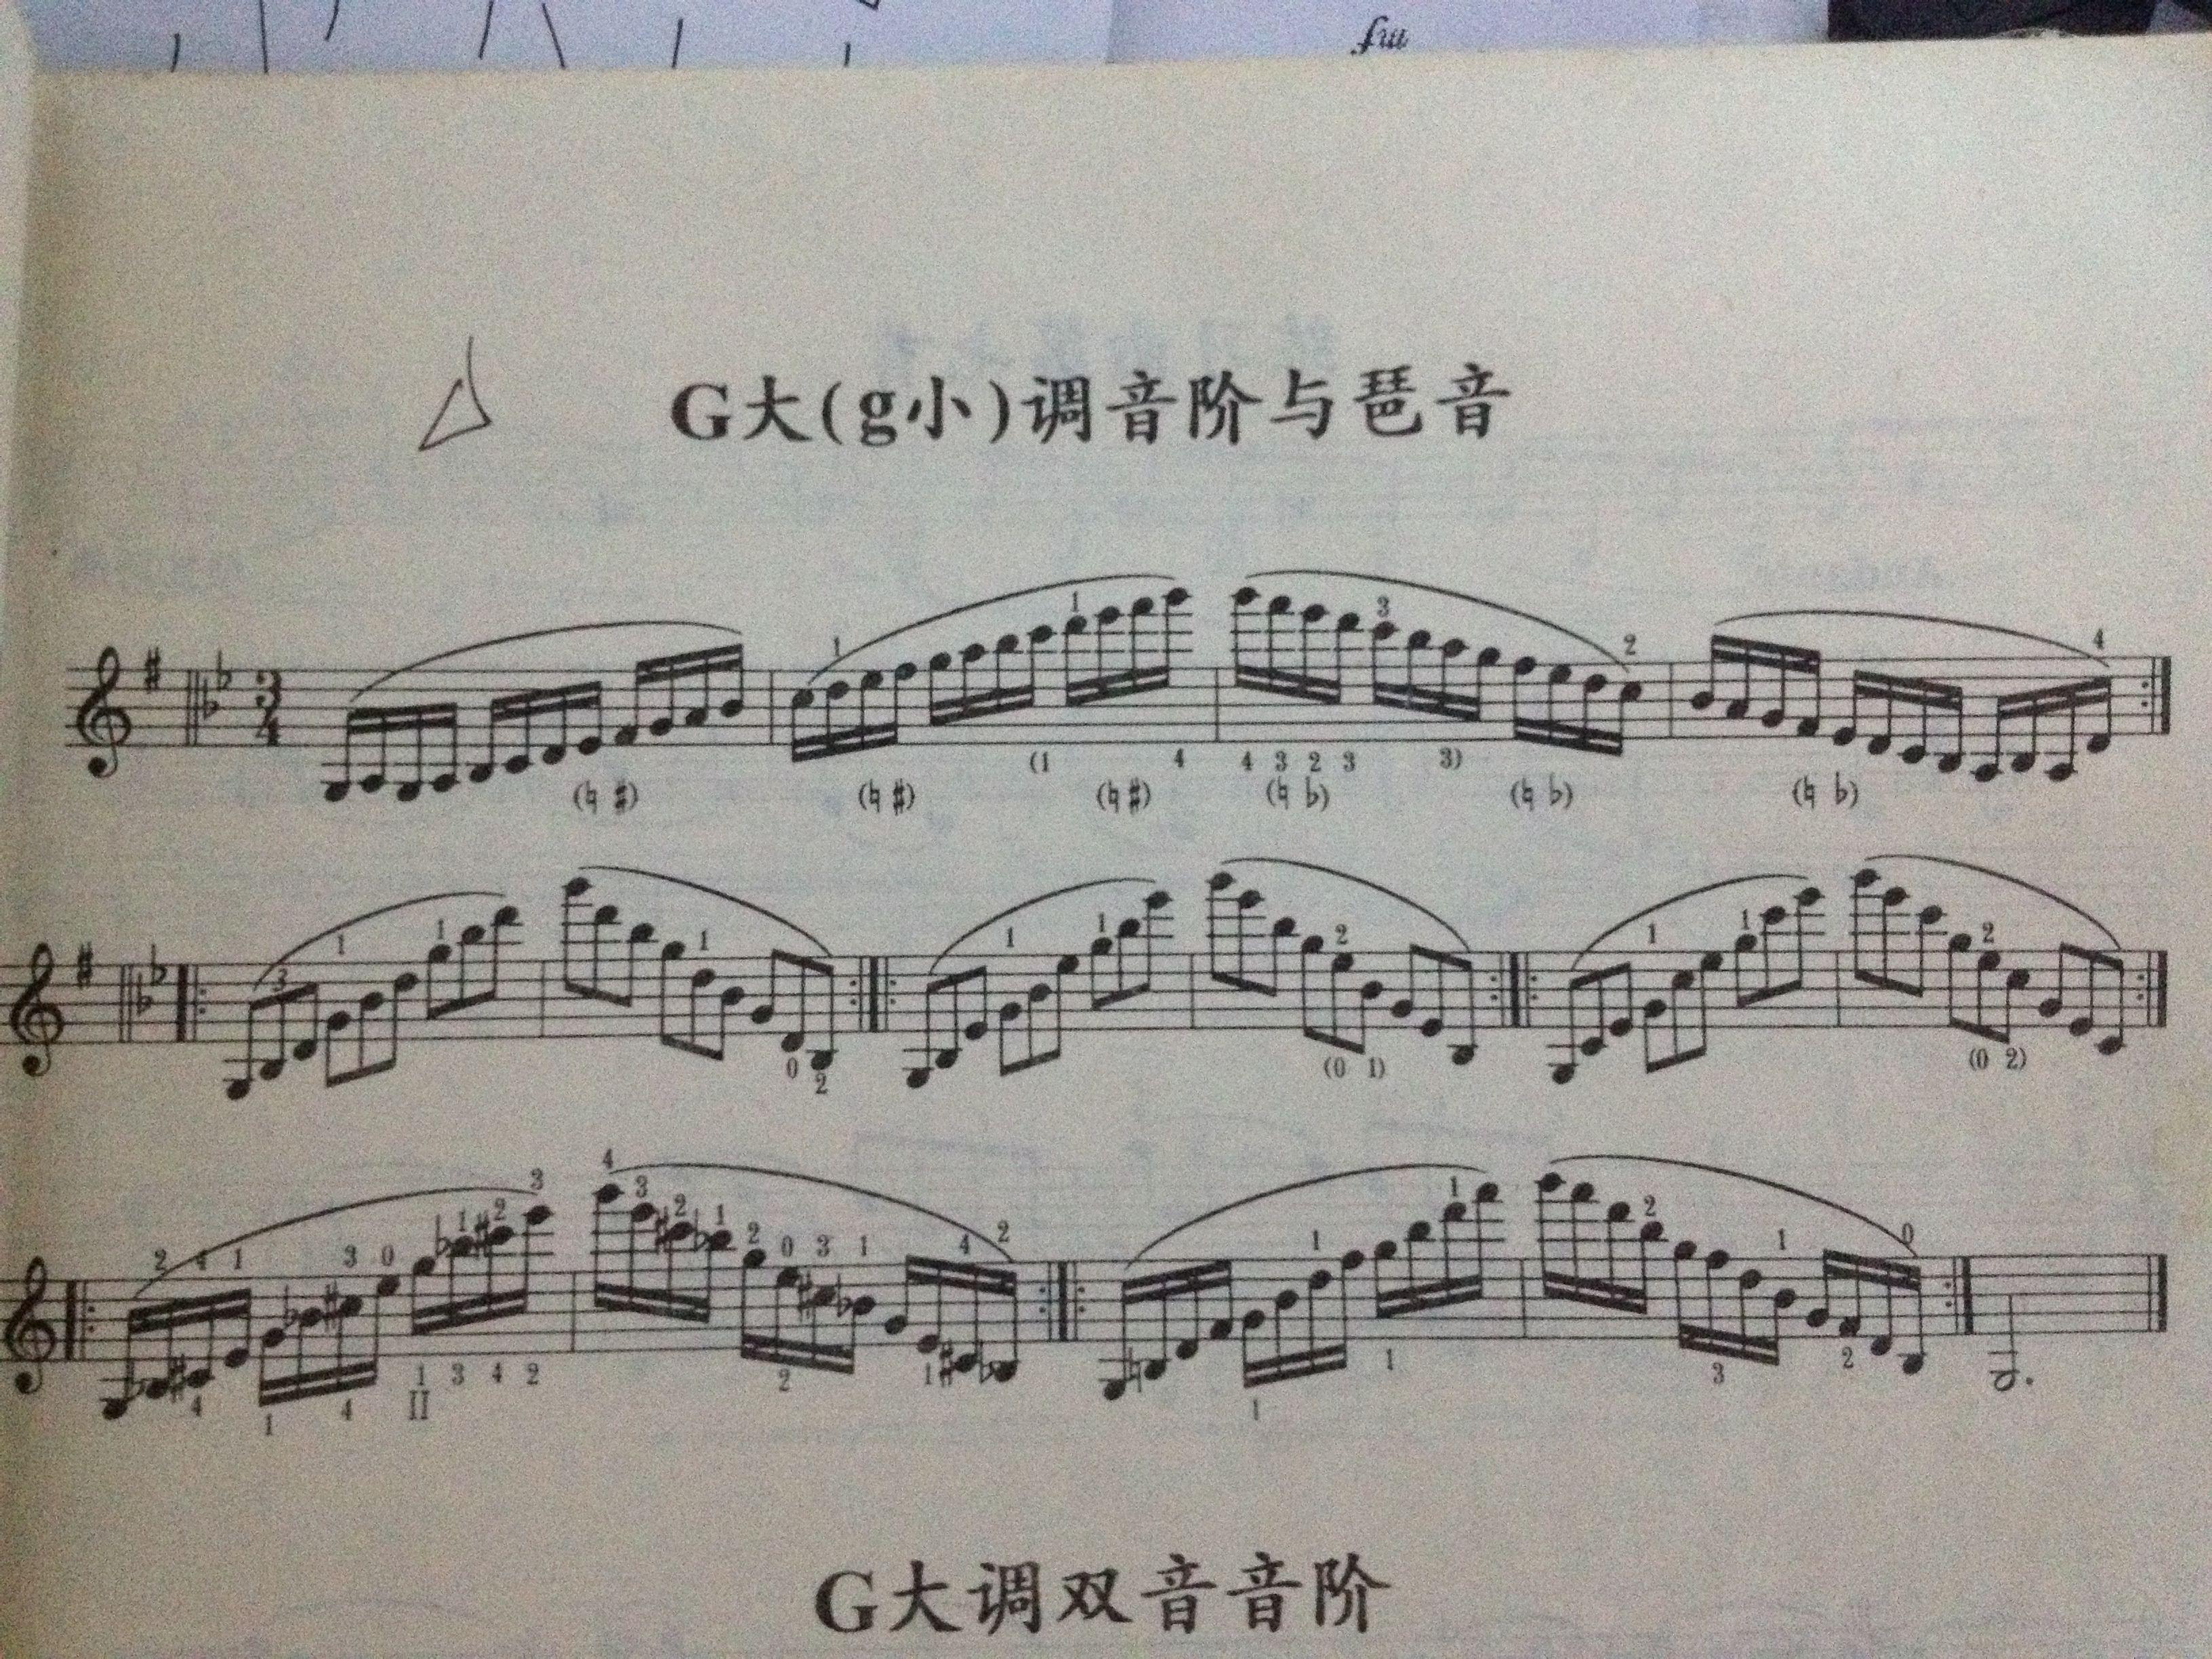 急求小提琴六级g大调音阶!图片